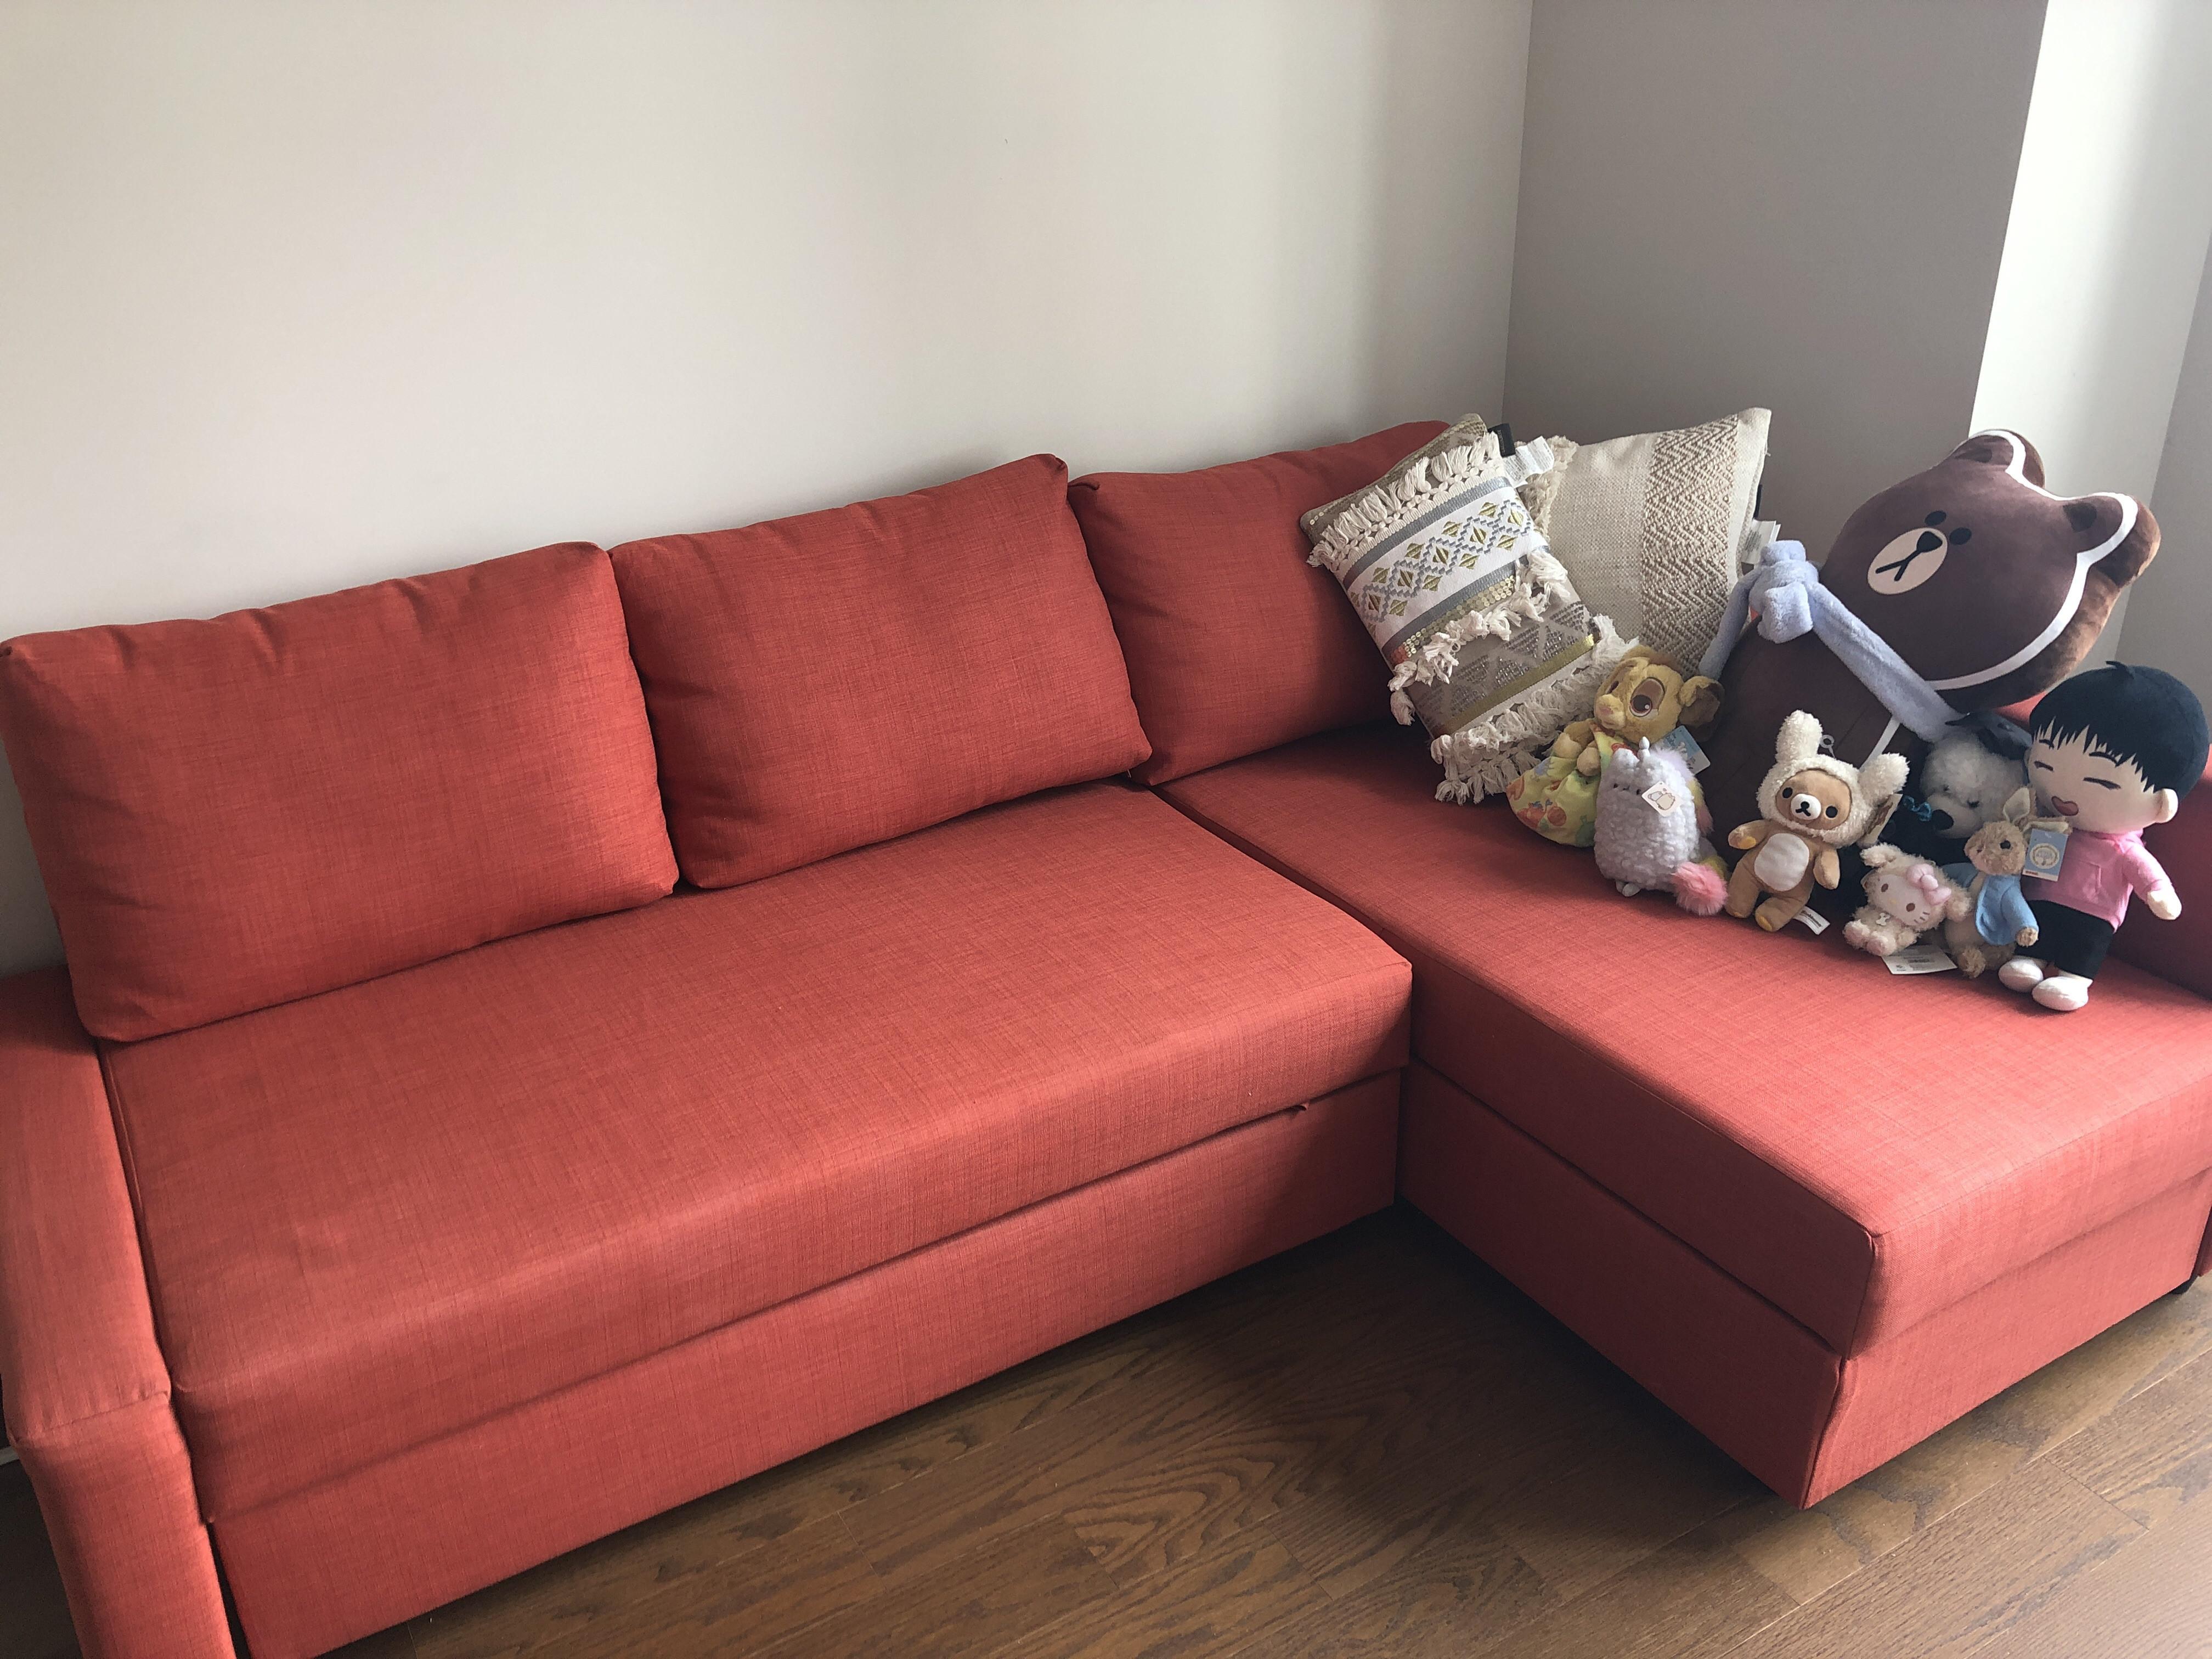 Ikea Friheten 3 Seat Sleeper Sectional Sofa w/ Storage - AptDeco